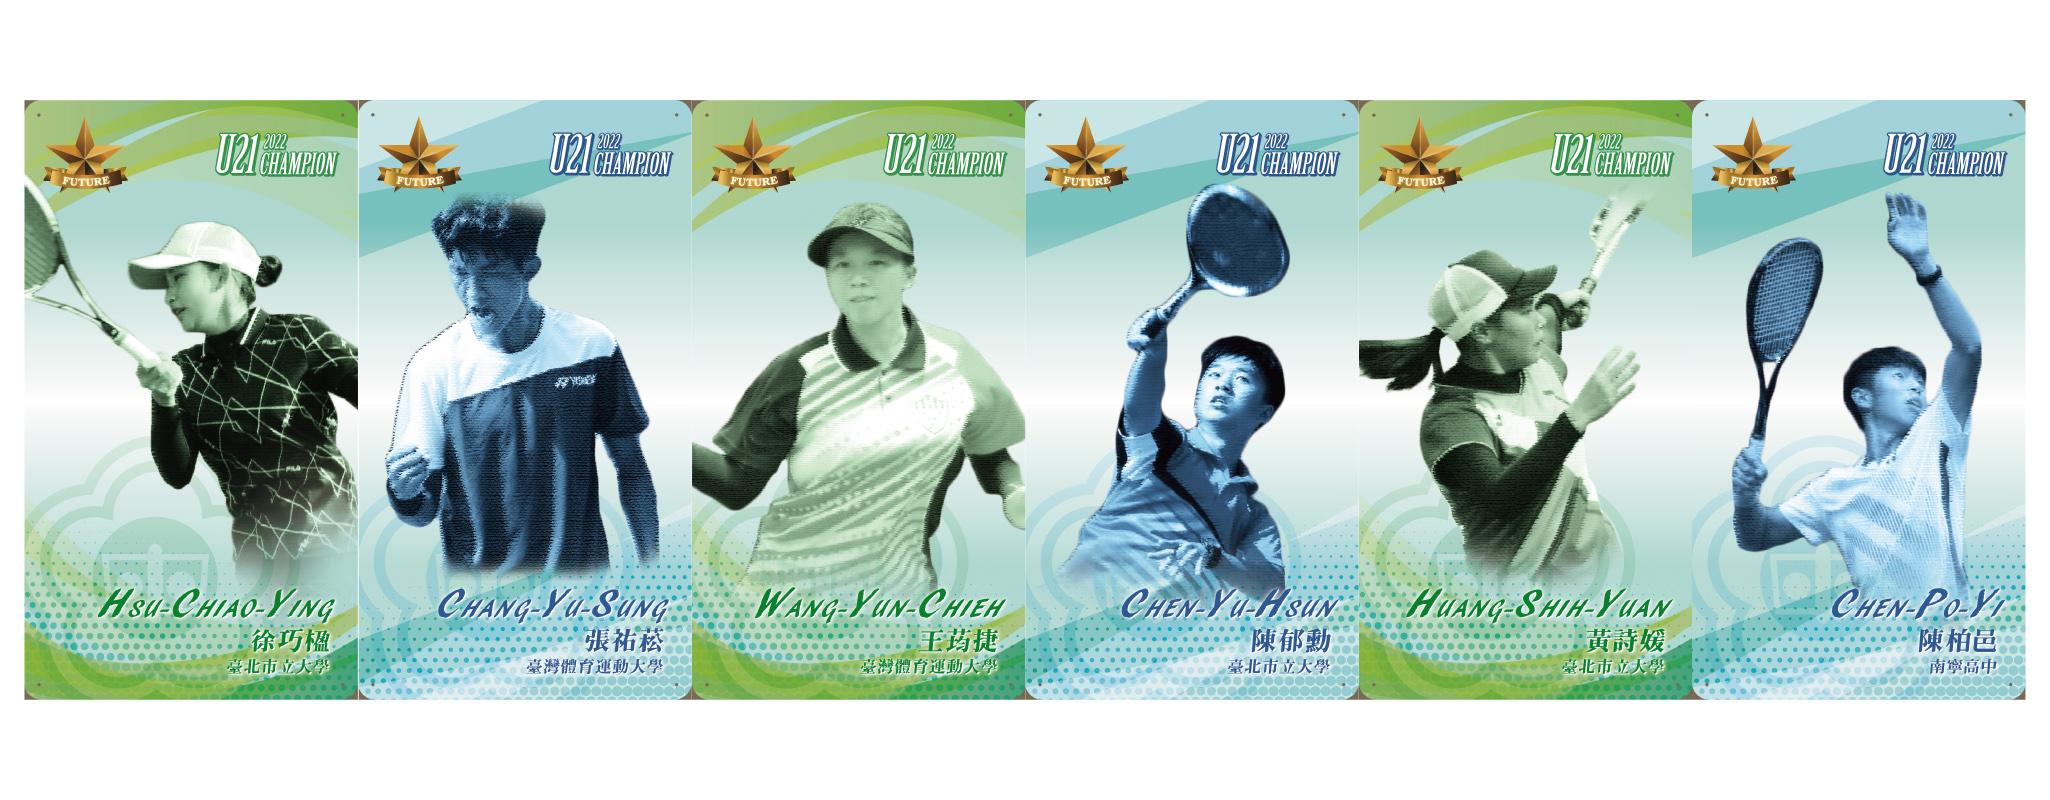 中華民國軟式網球協會(Chinese Taipei Soft Tennis Association)